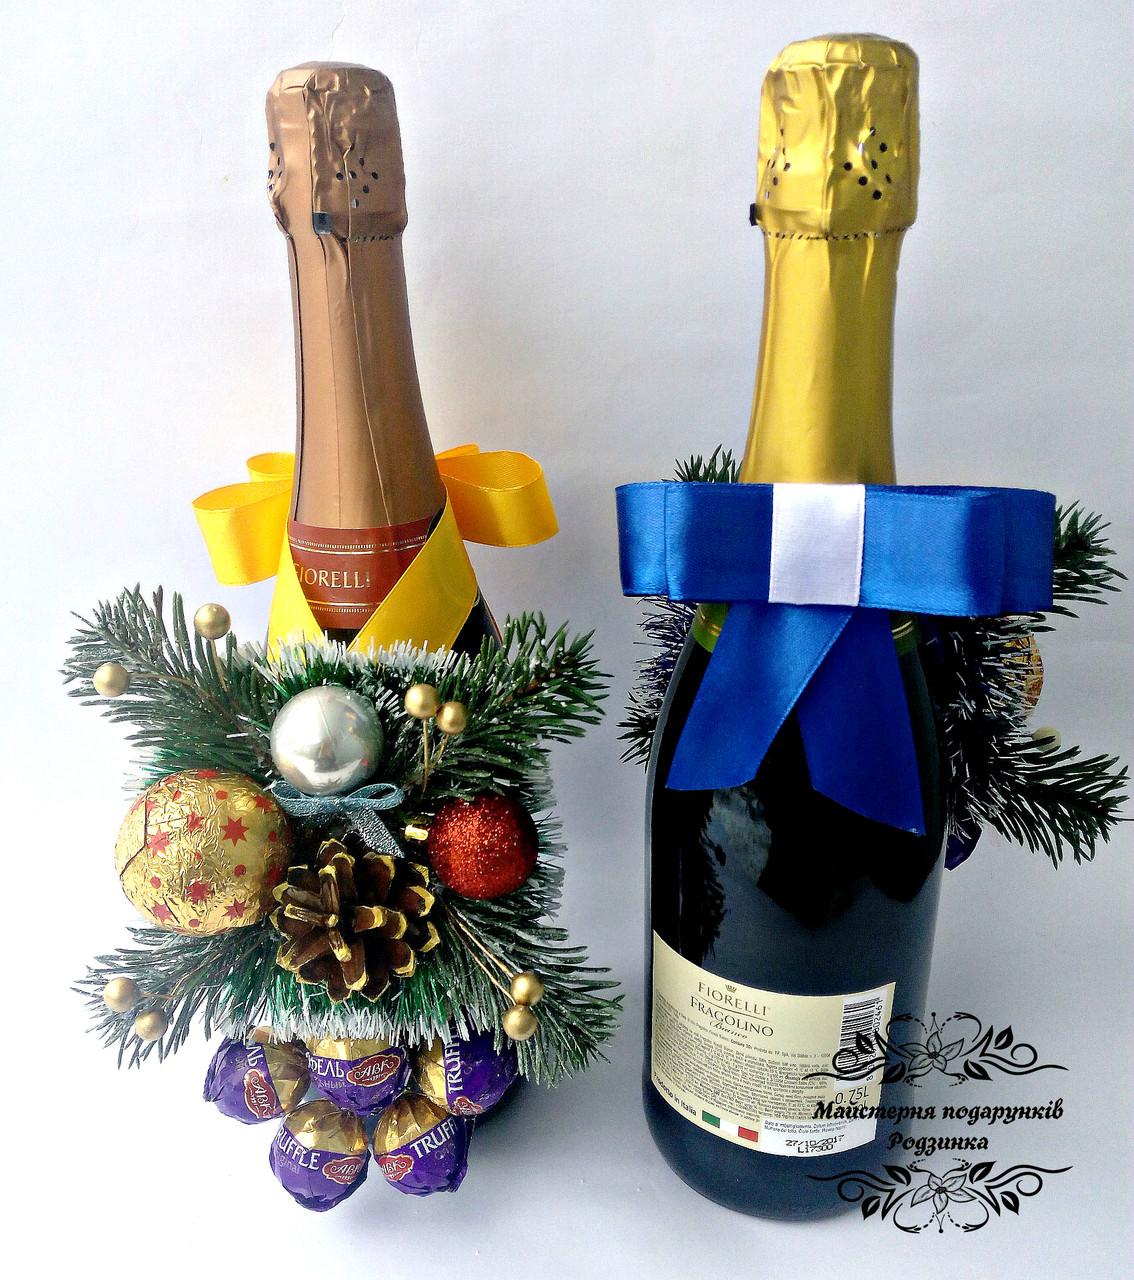 Новорічна прикраса для пляшки з цукерок. Новорічне святкове шампанське.Подарунок на Новий рік, Різдво, Миколая